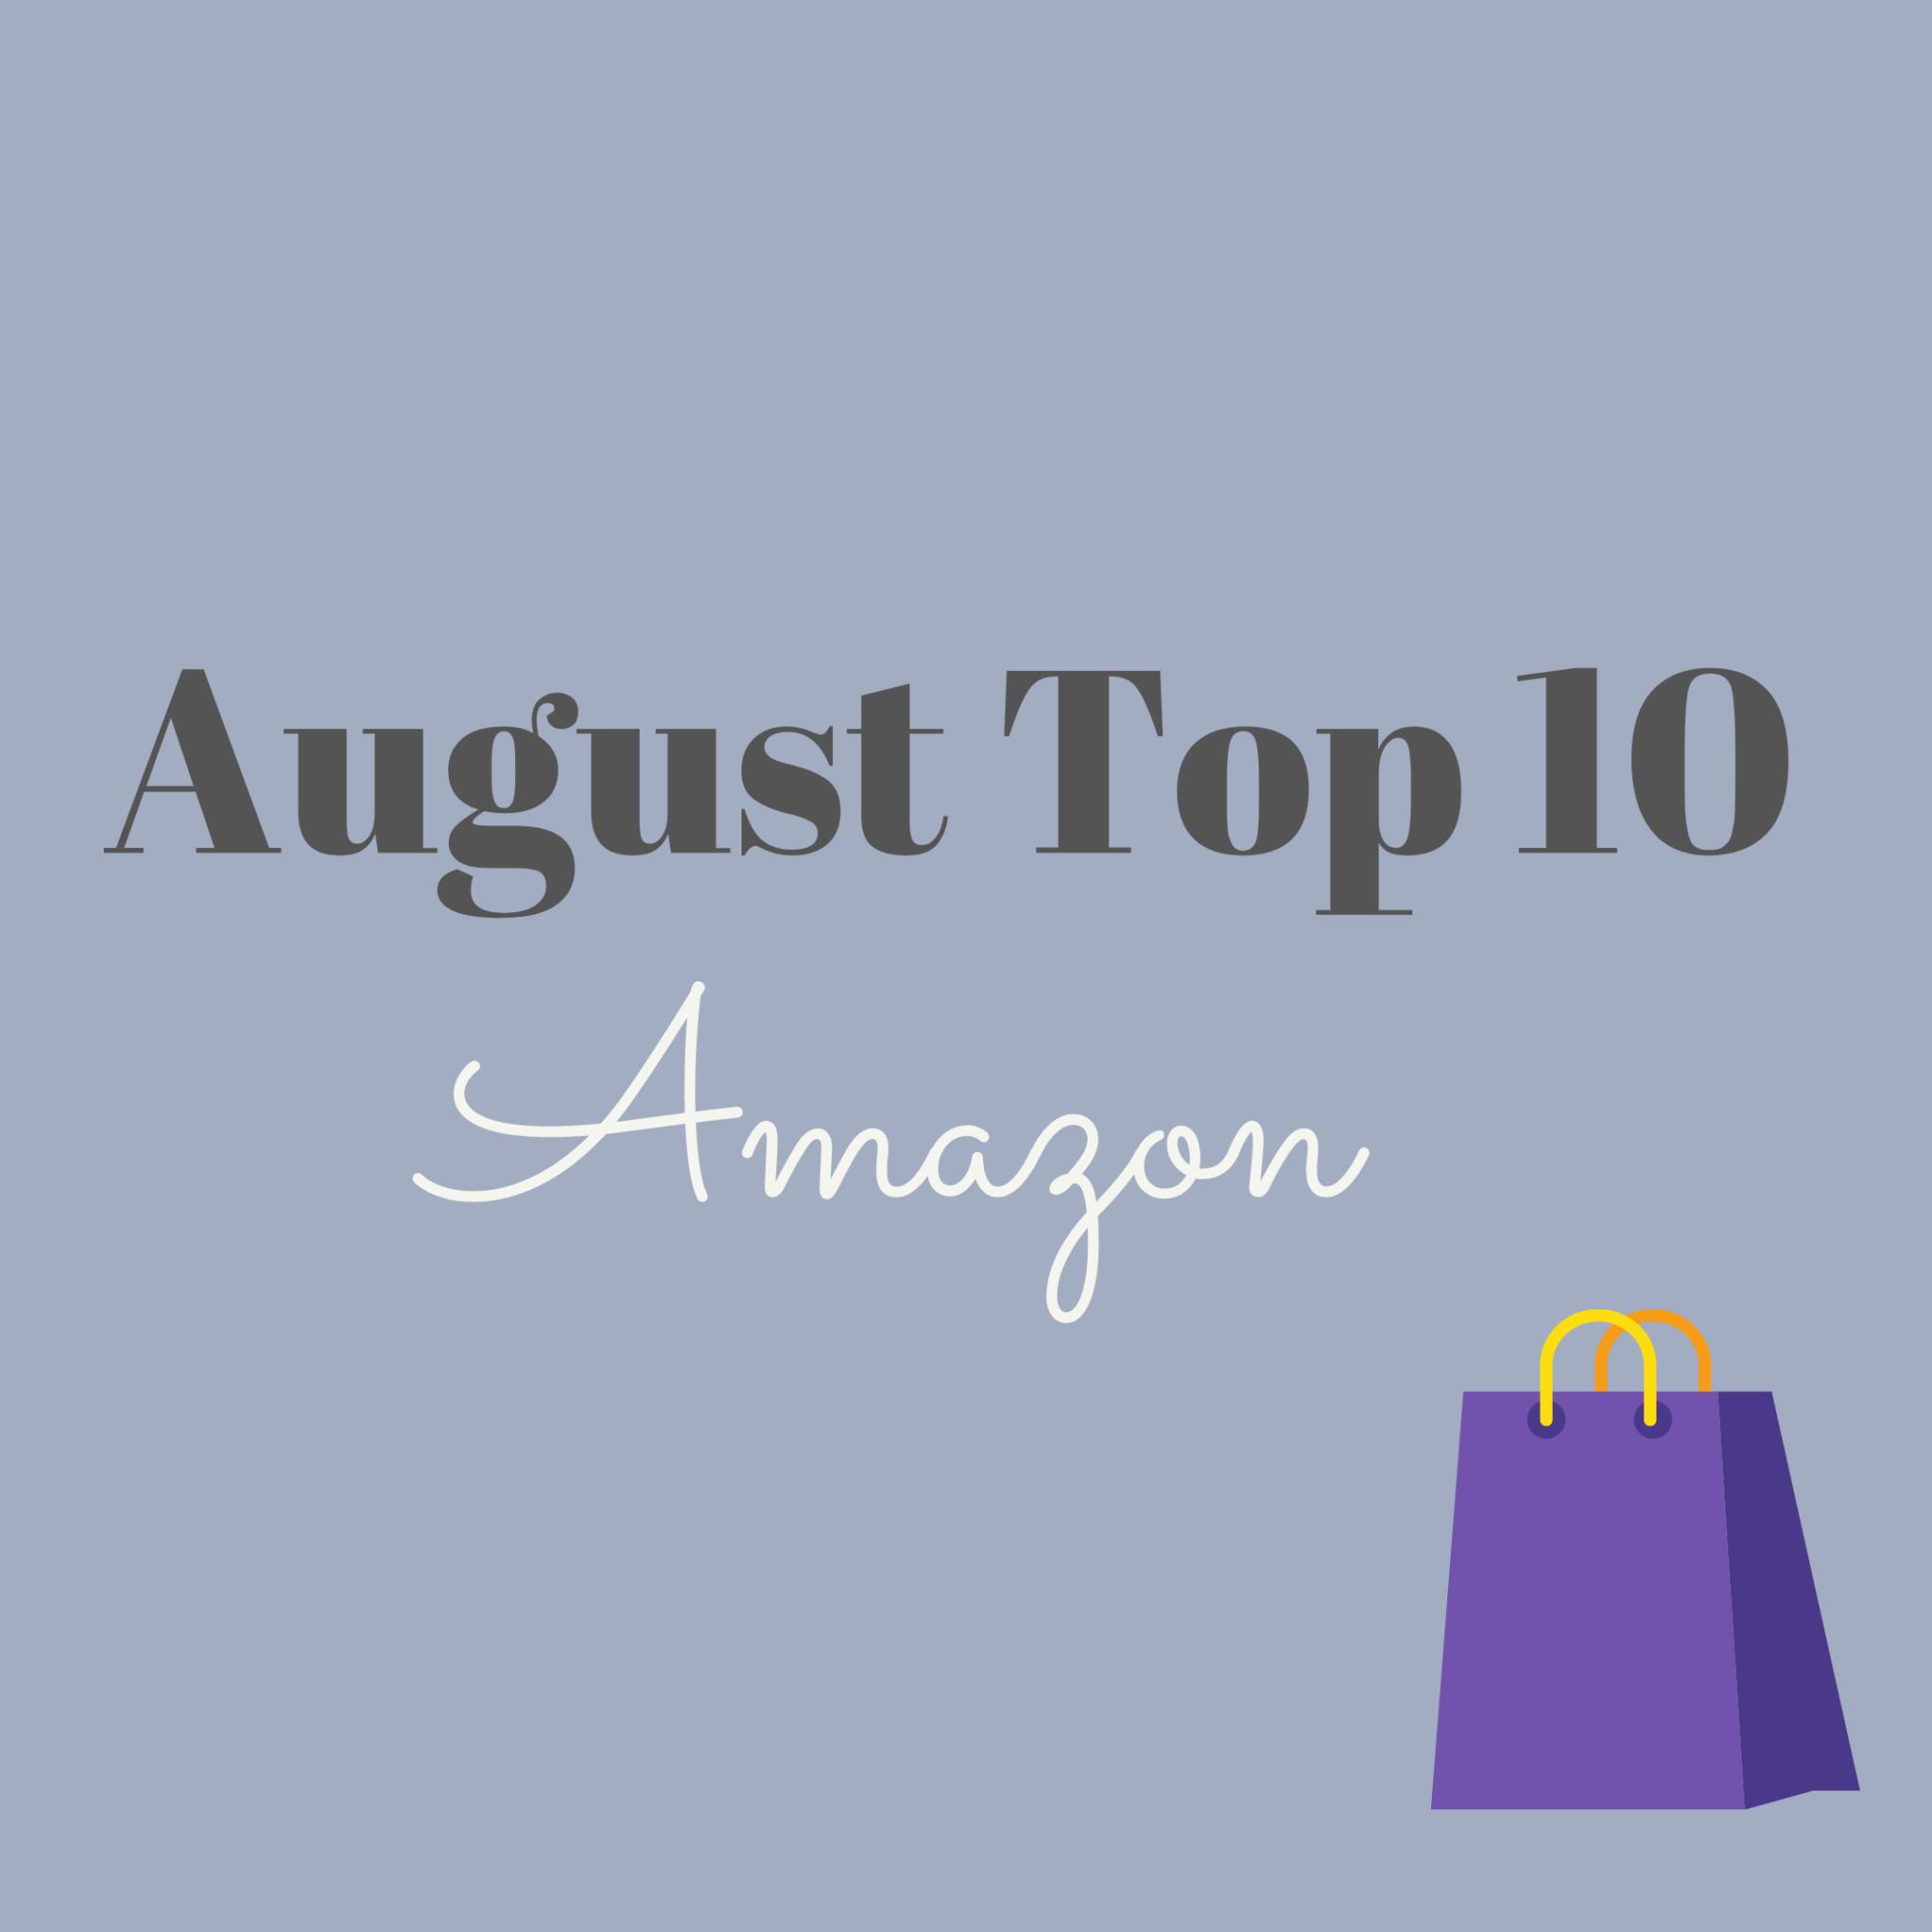 August Top 10 Sellers